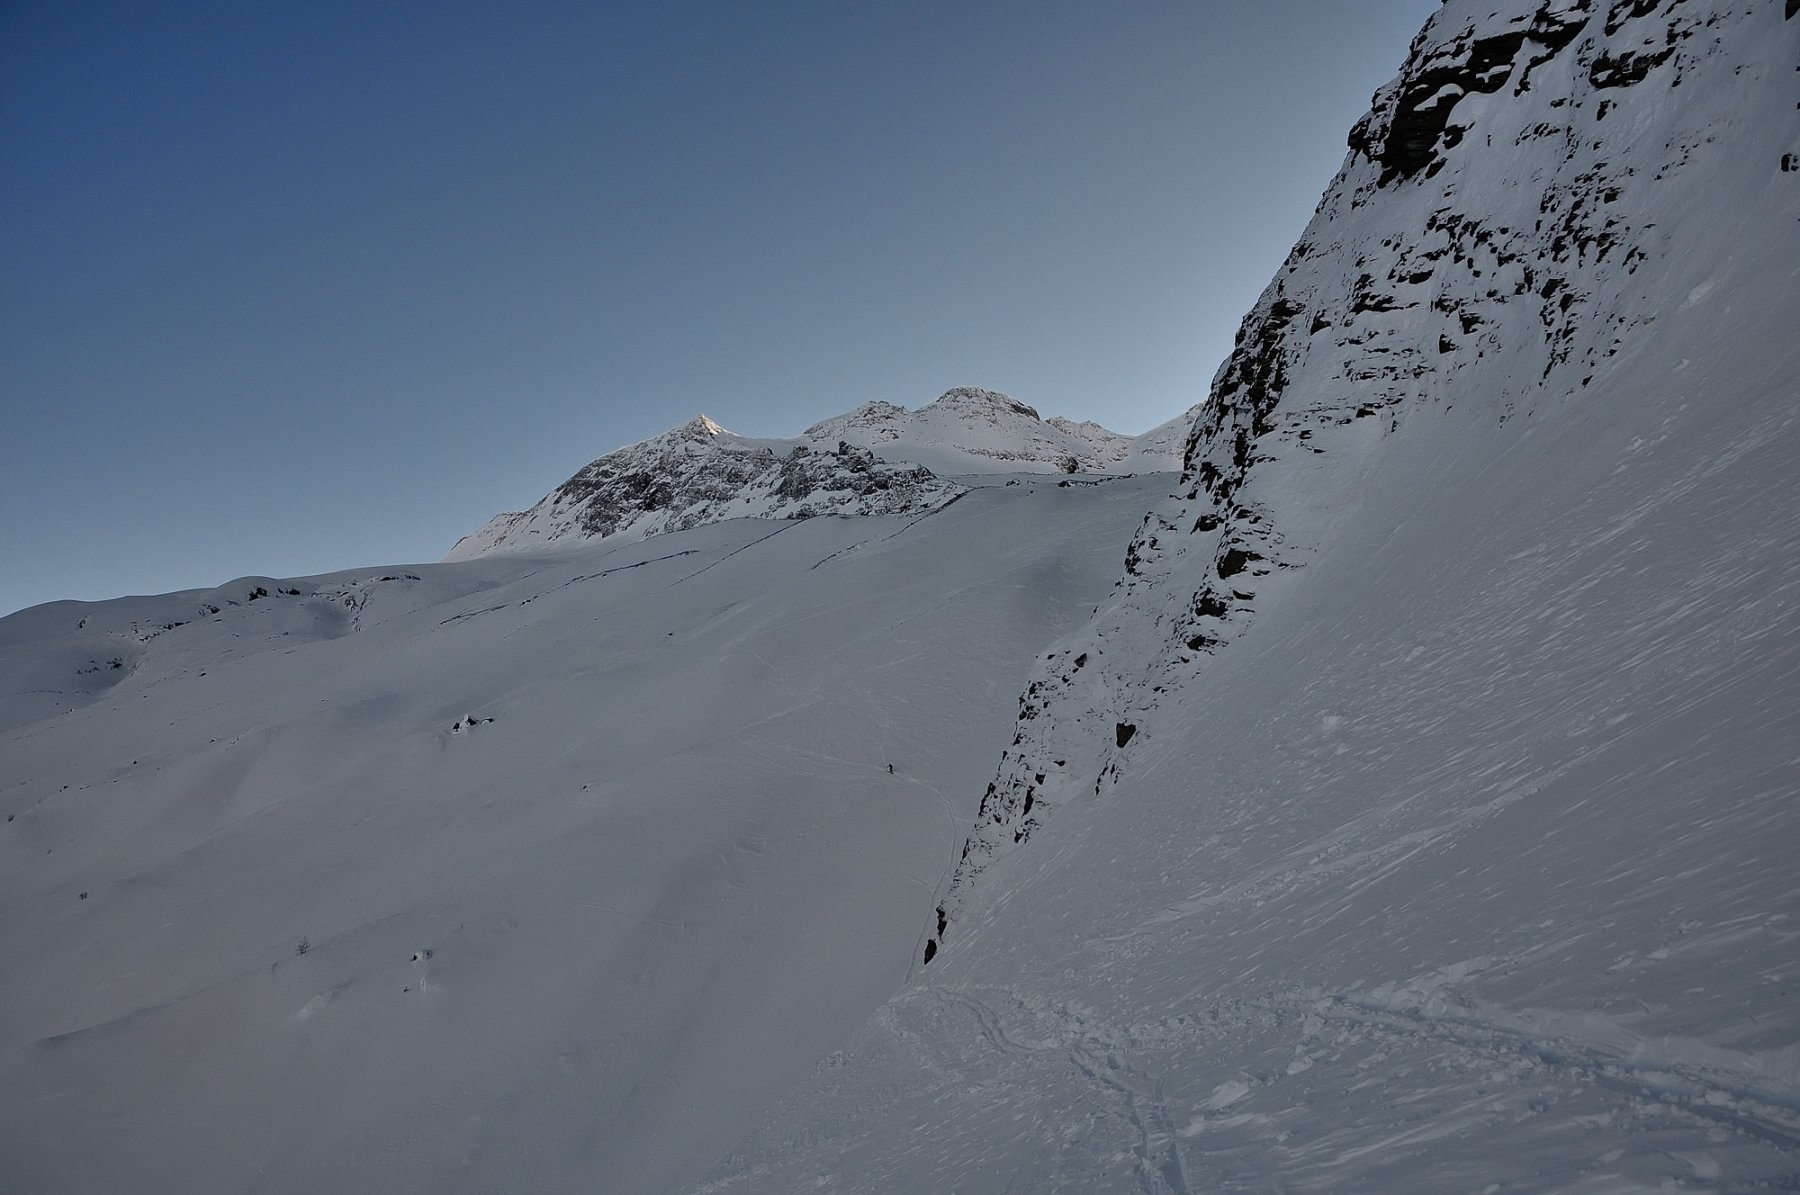 La cima e buona parte del percorso visti dal traverso